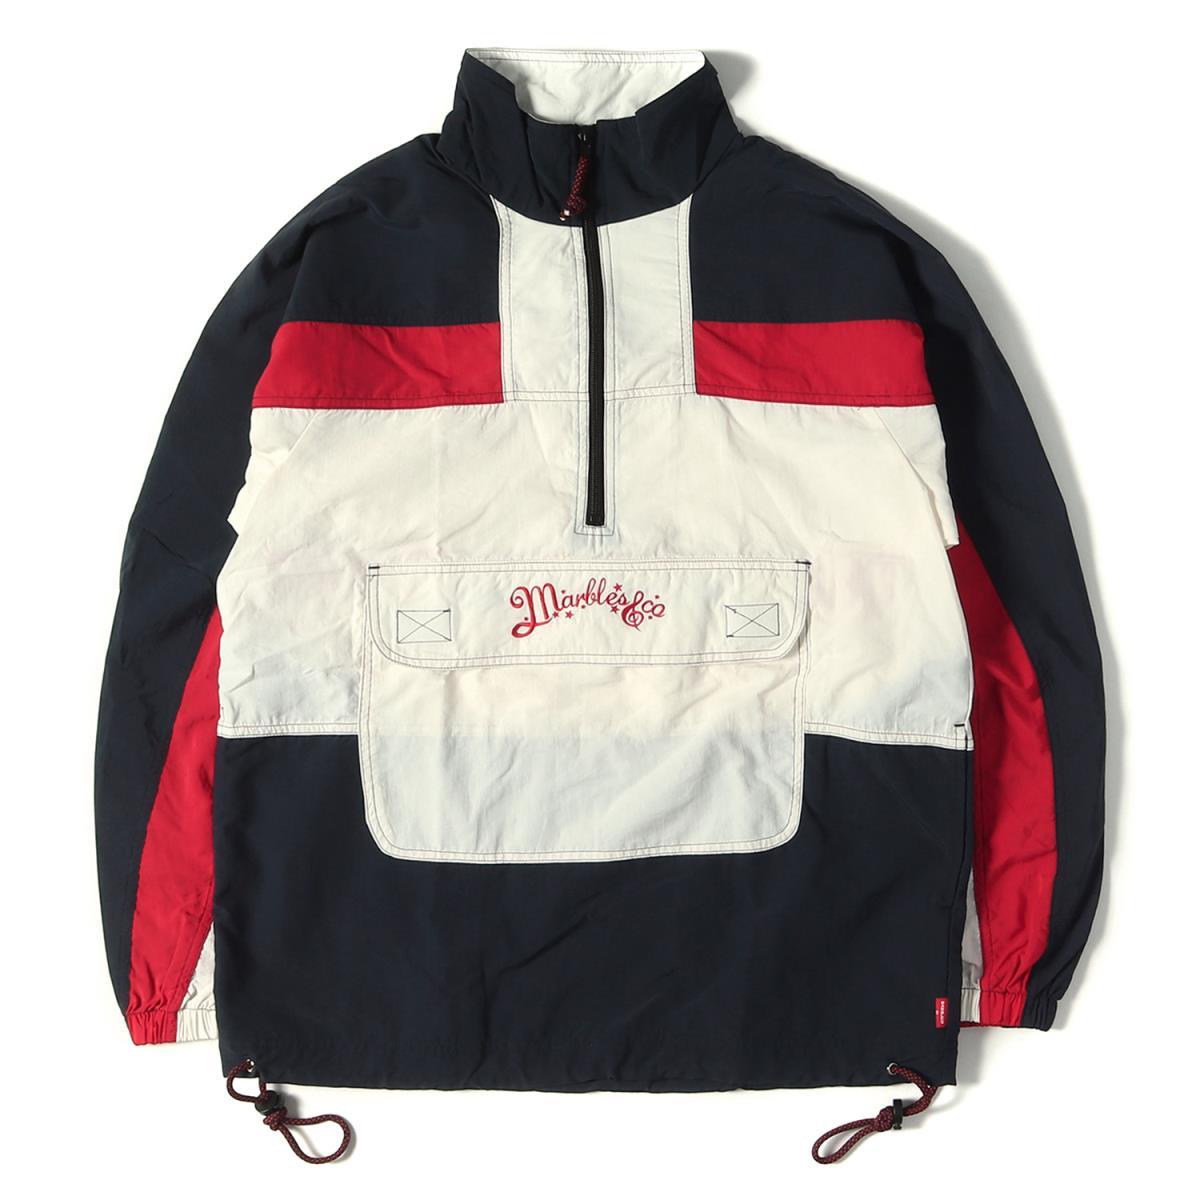 メンズファッション, コート・ジャケット MARBLES () 18AW (ANORAK TEAM JKT) S K2548